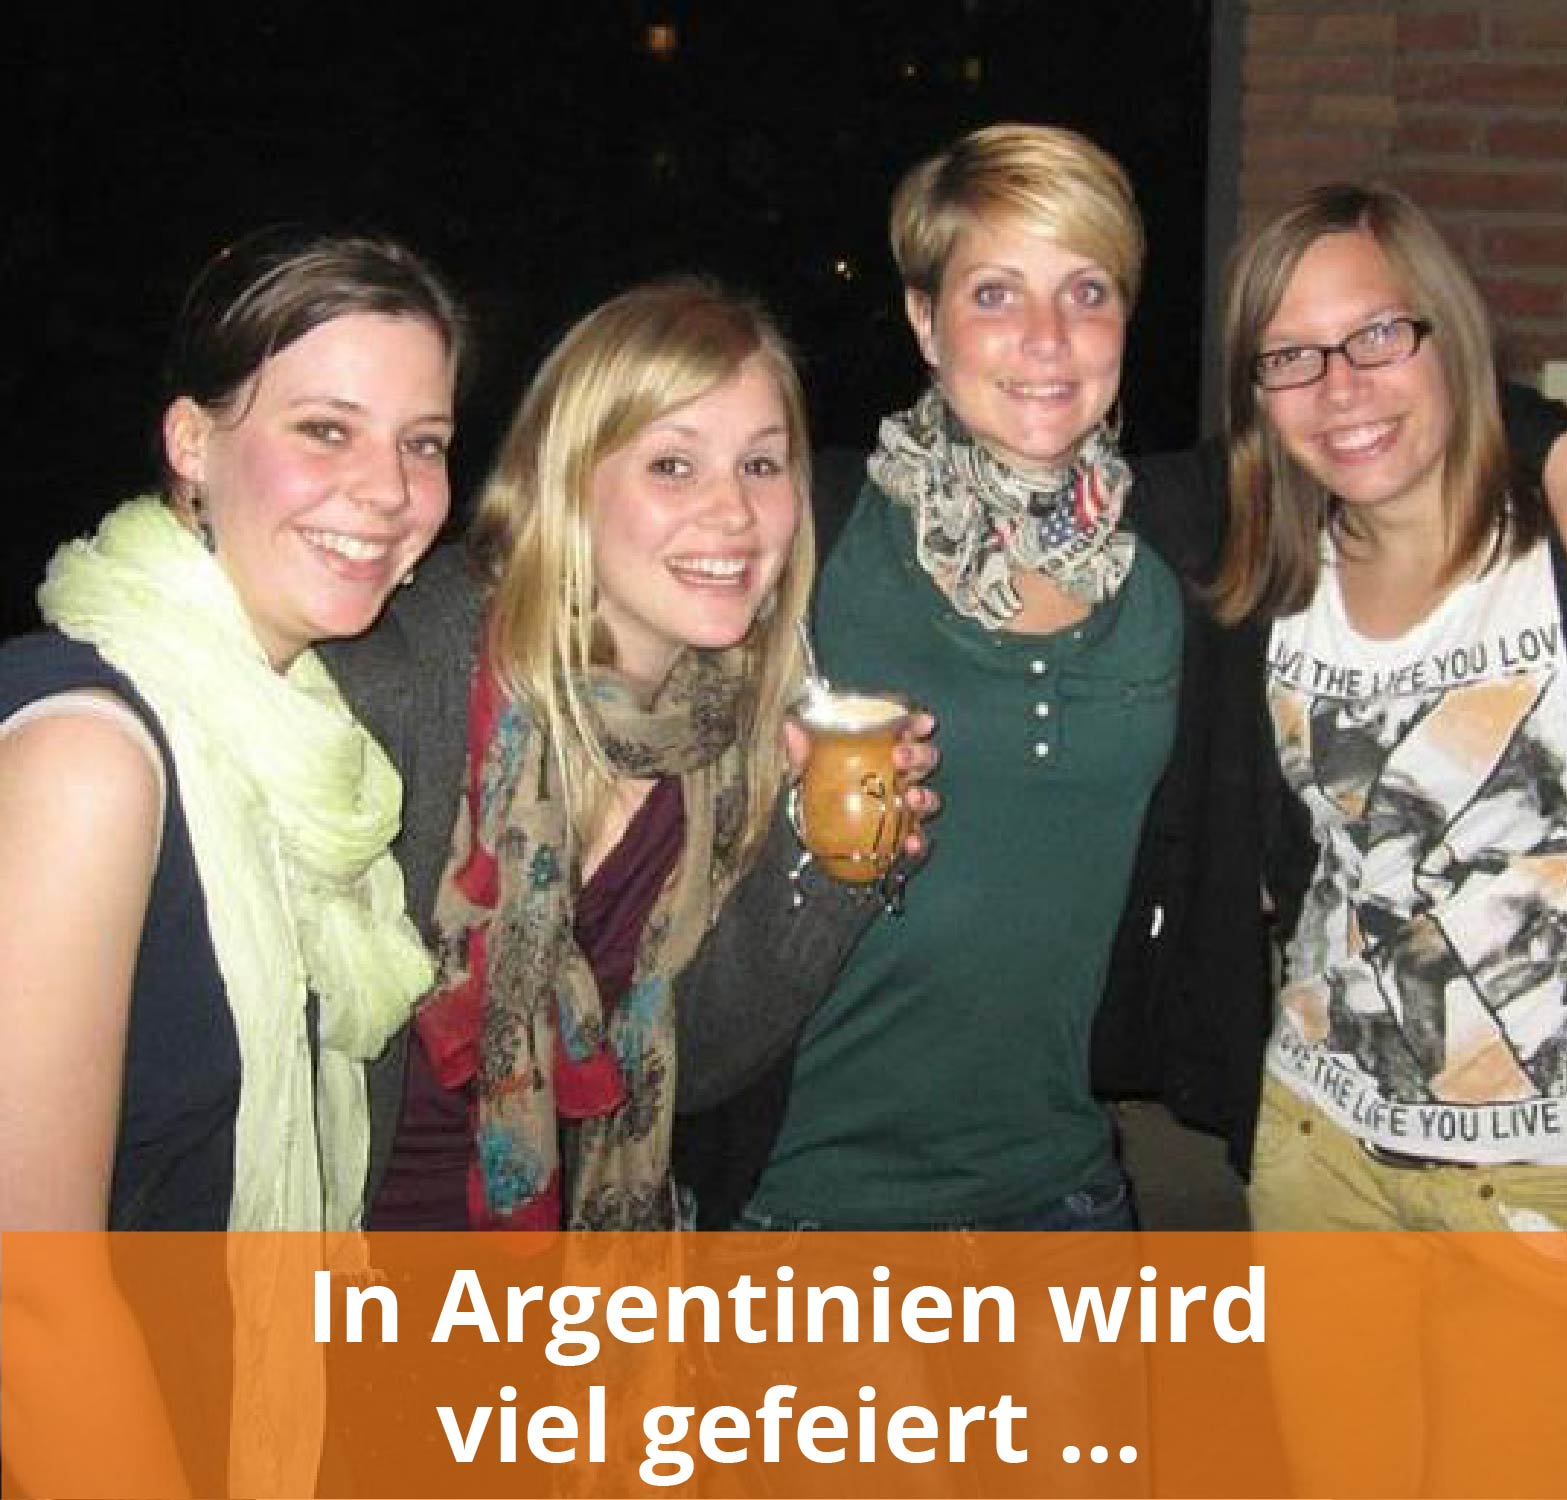 Auslandsaufenthalt in Argentinien gefeiert